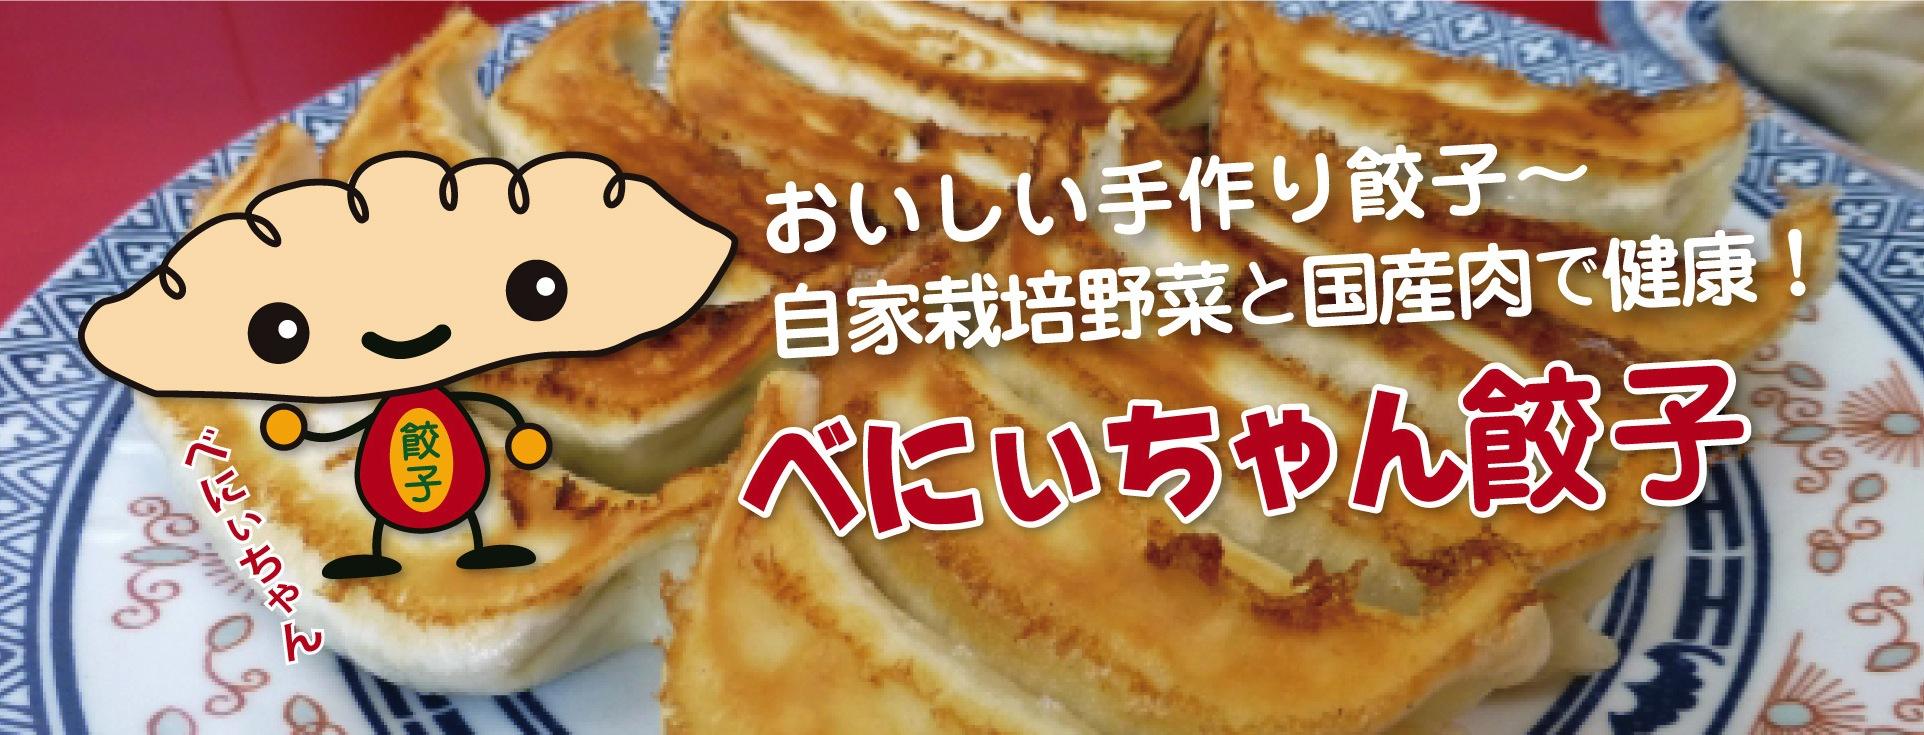 べにぃちゃん餃子